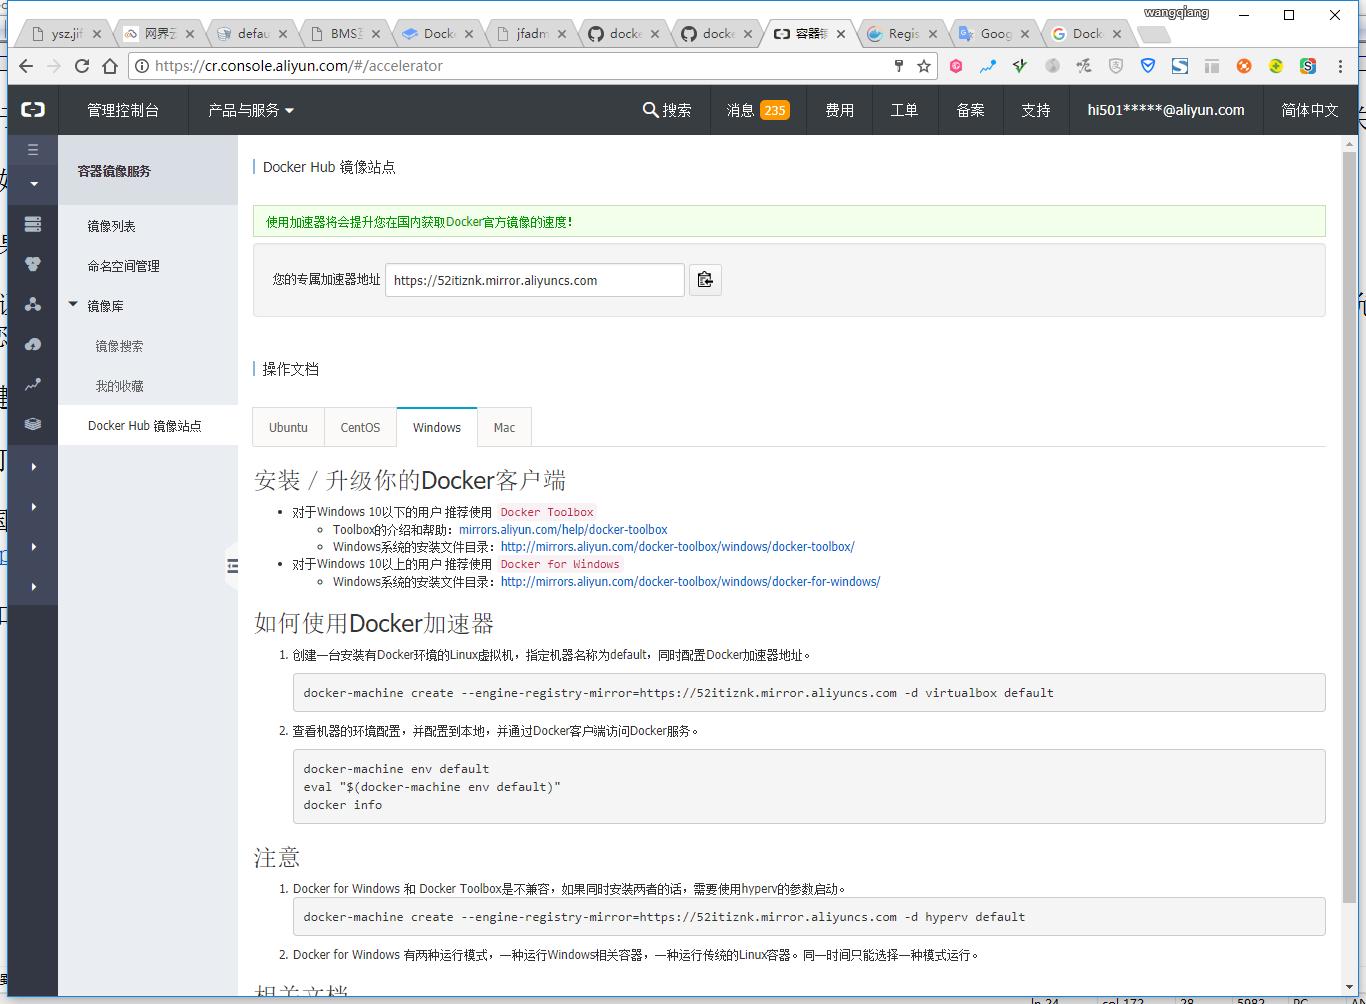 打开 Docker Hub 镜像站点